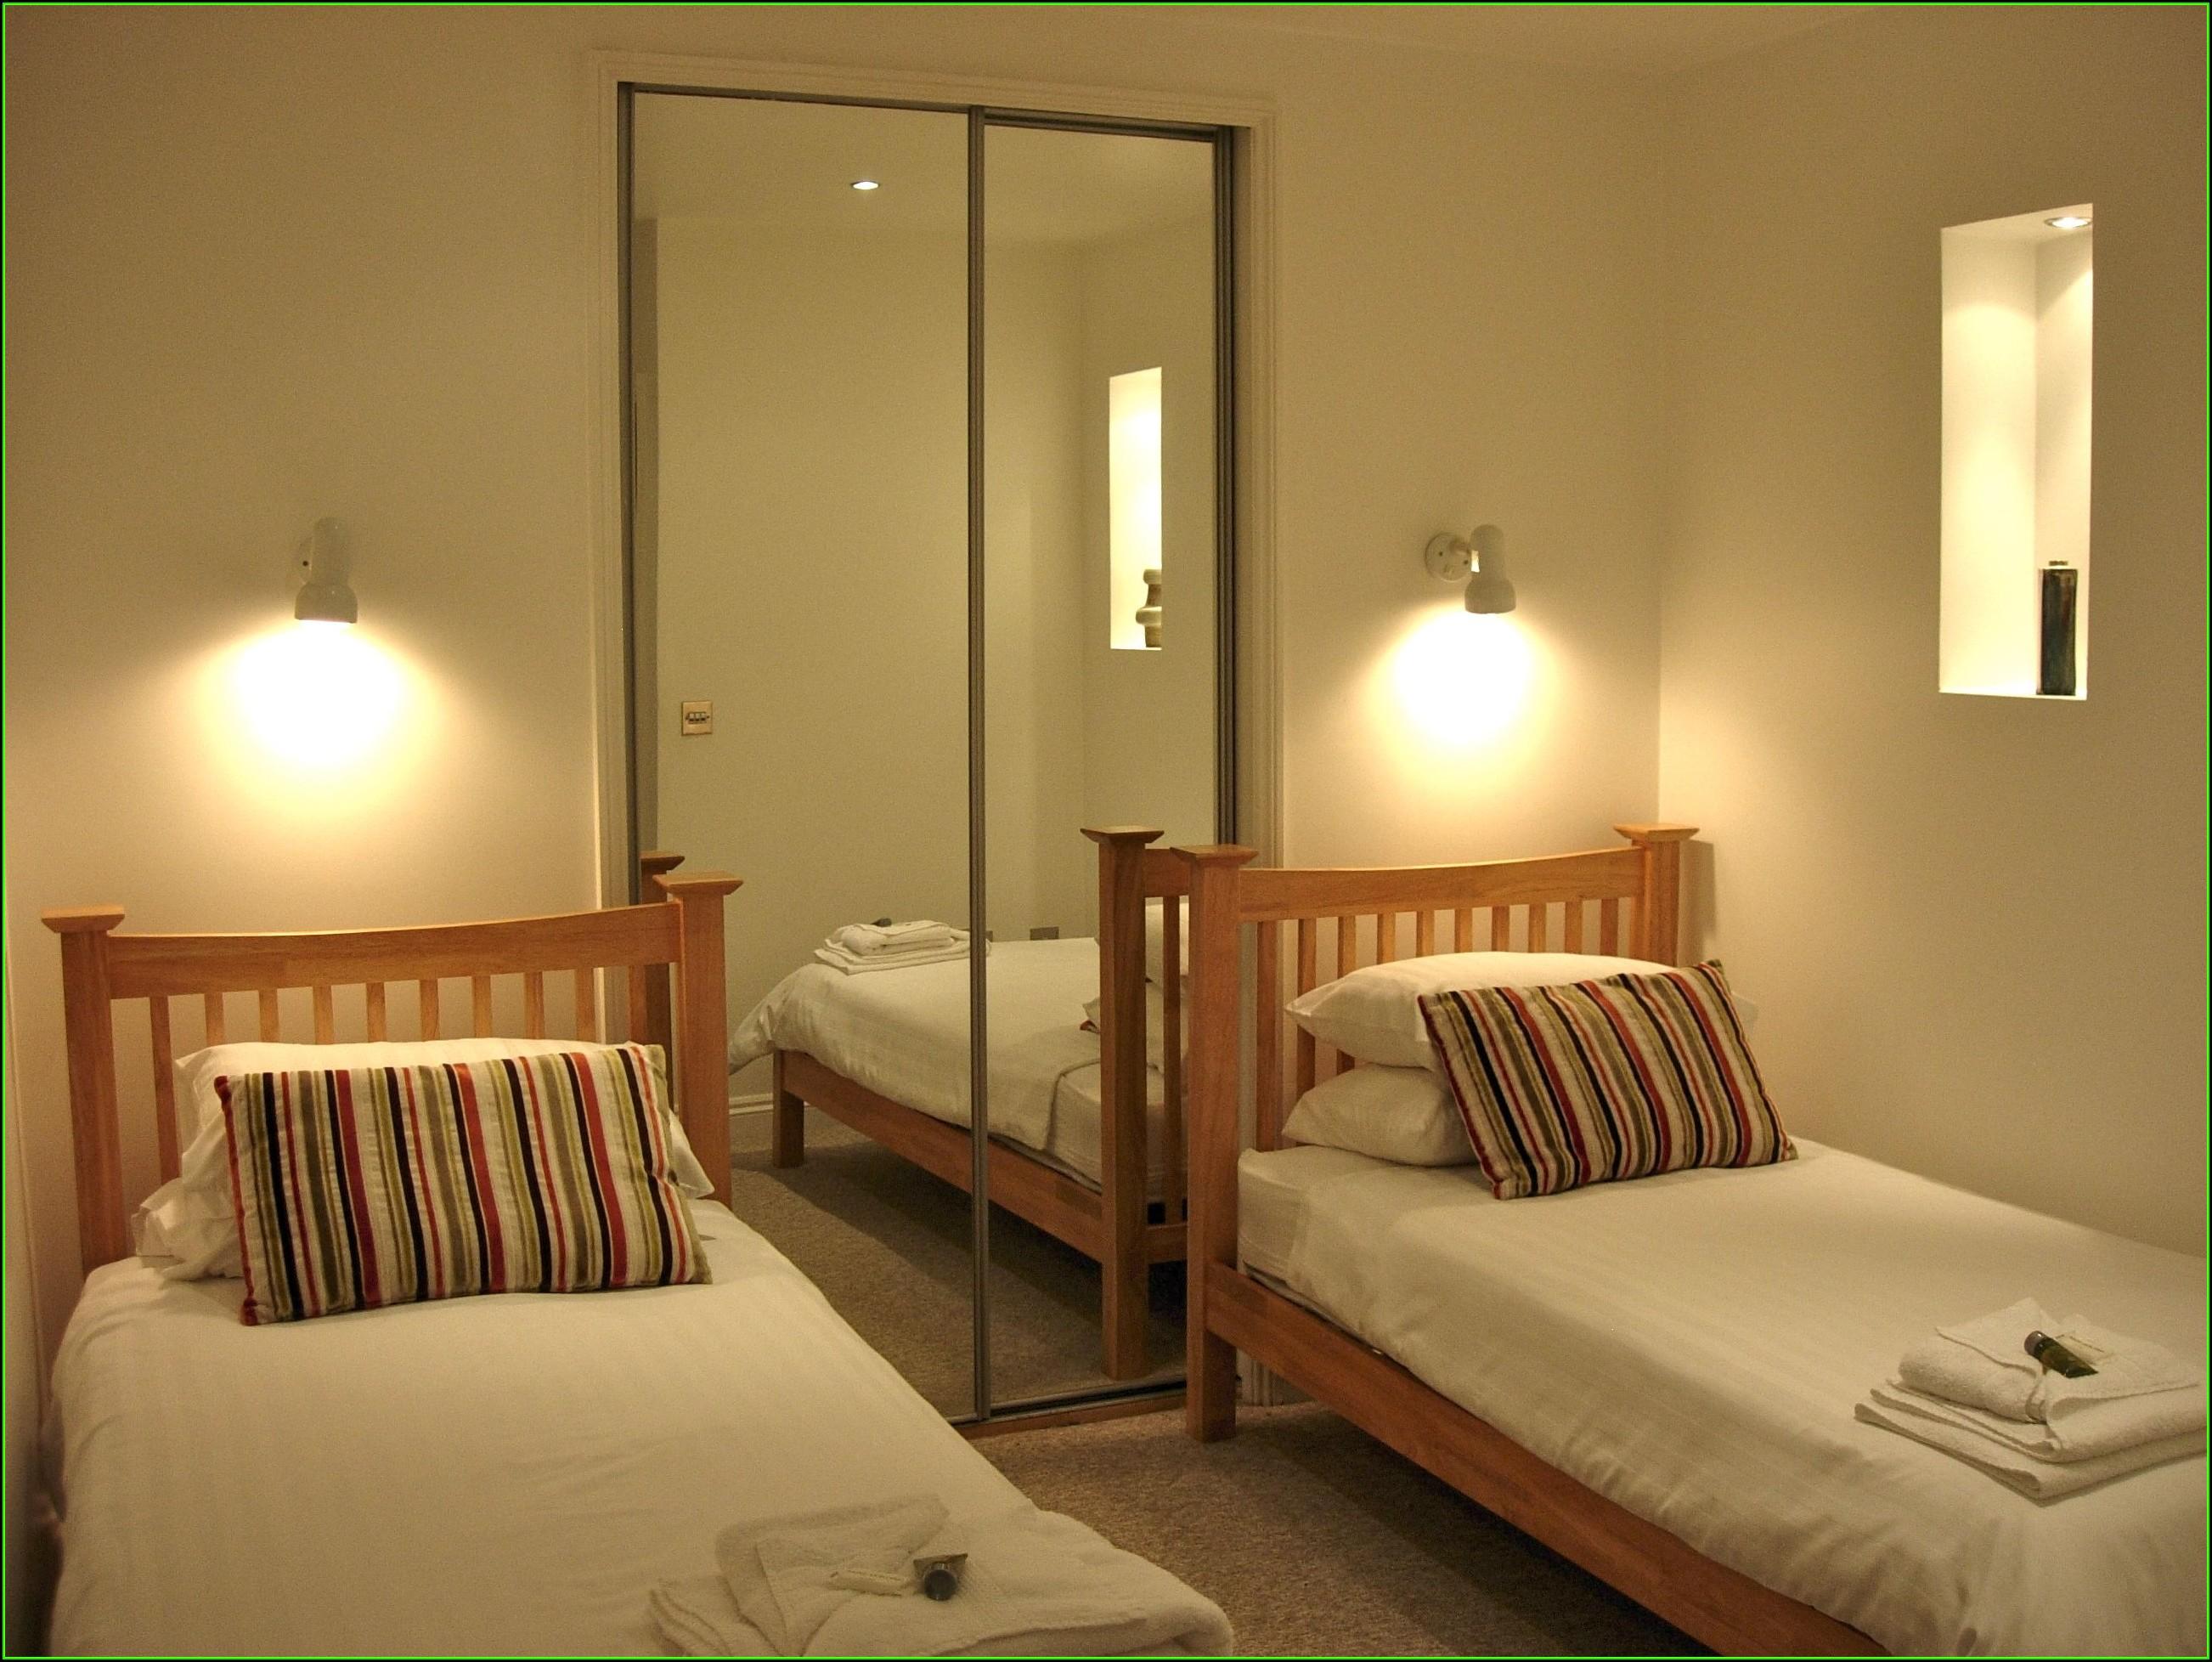 Schlafzimmer Deckenleuchte Ideen